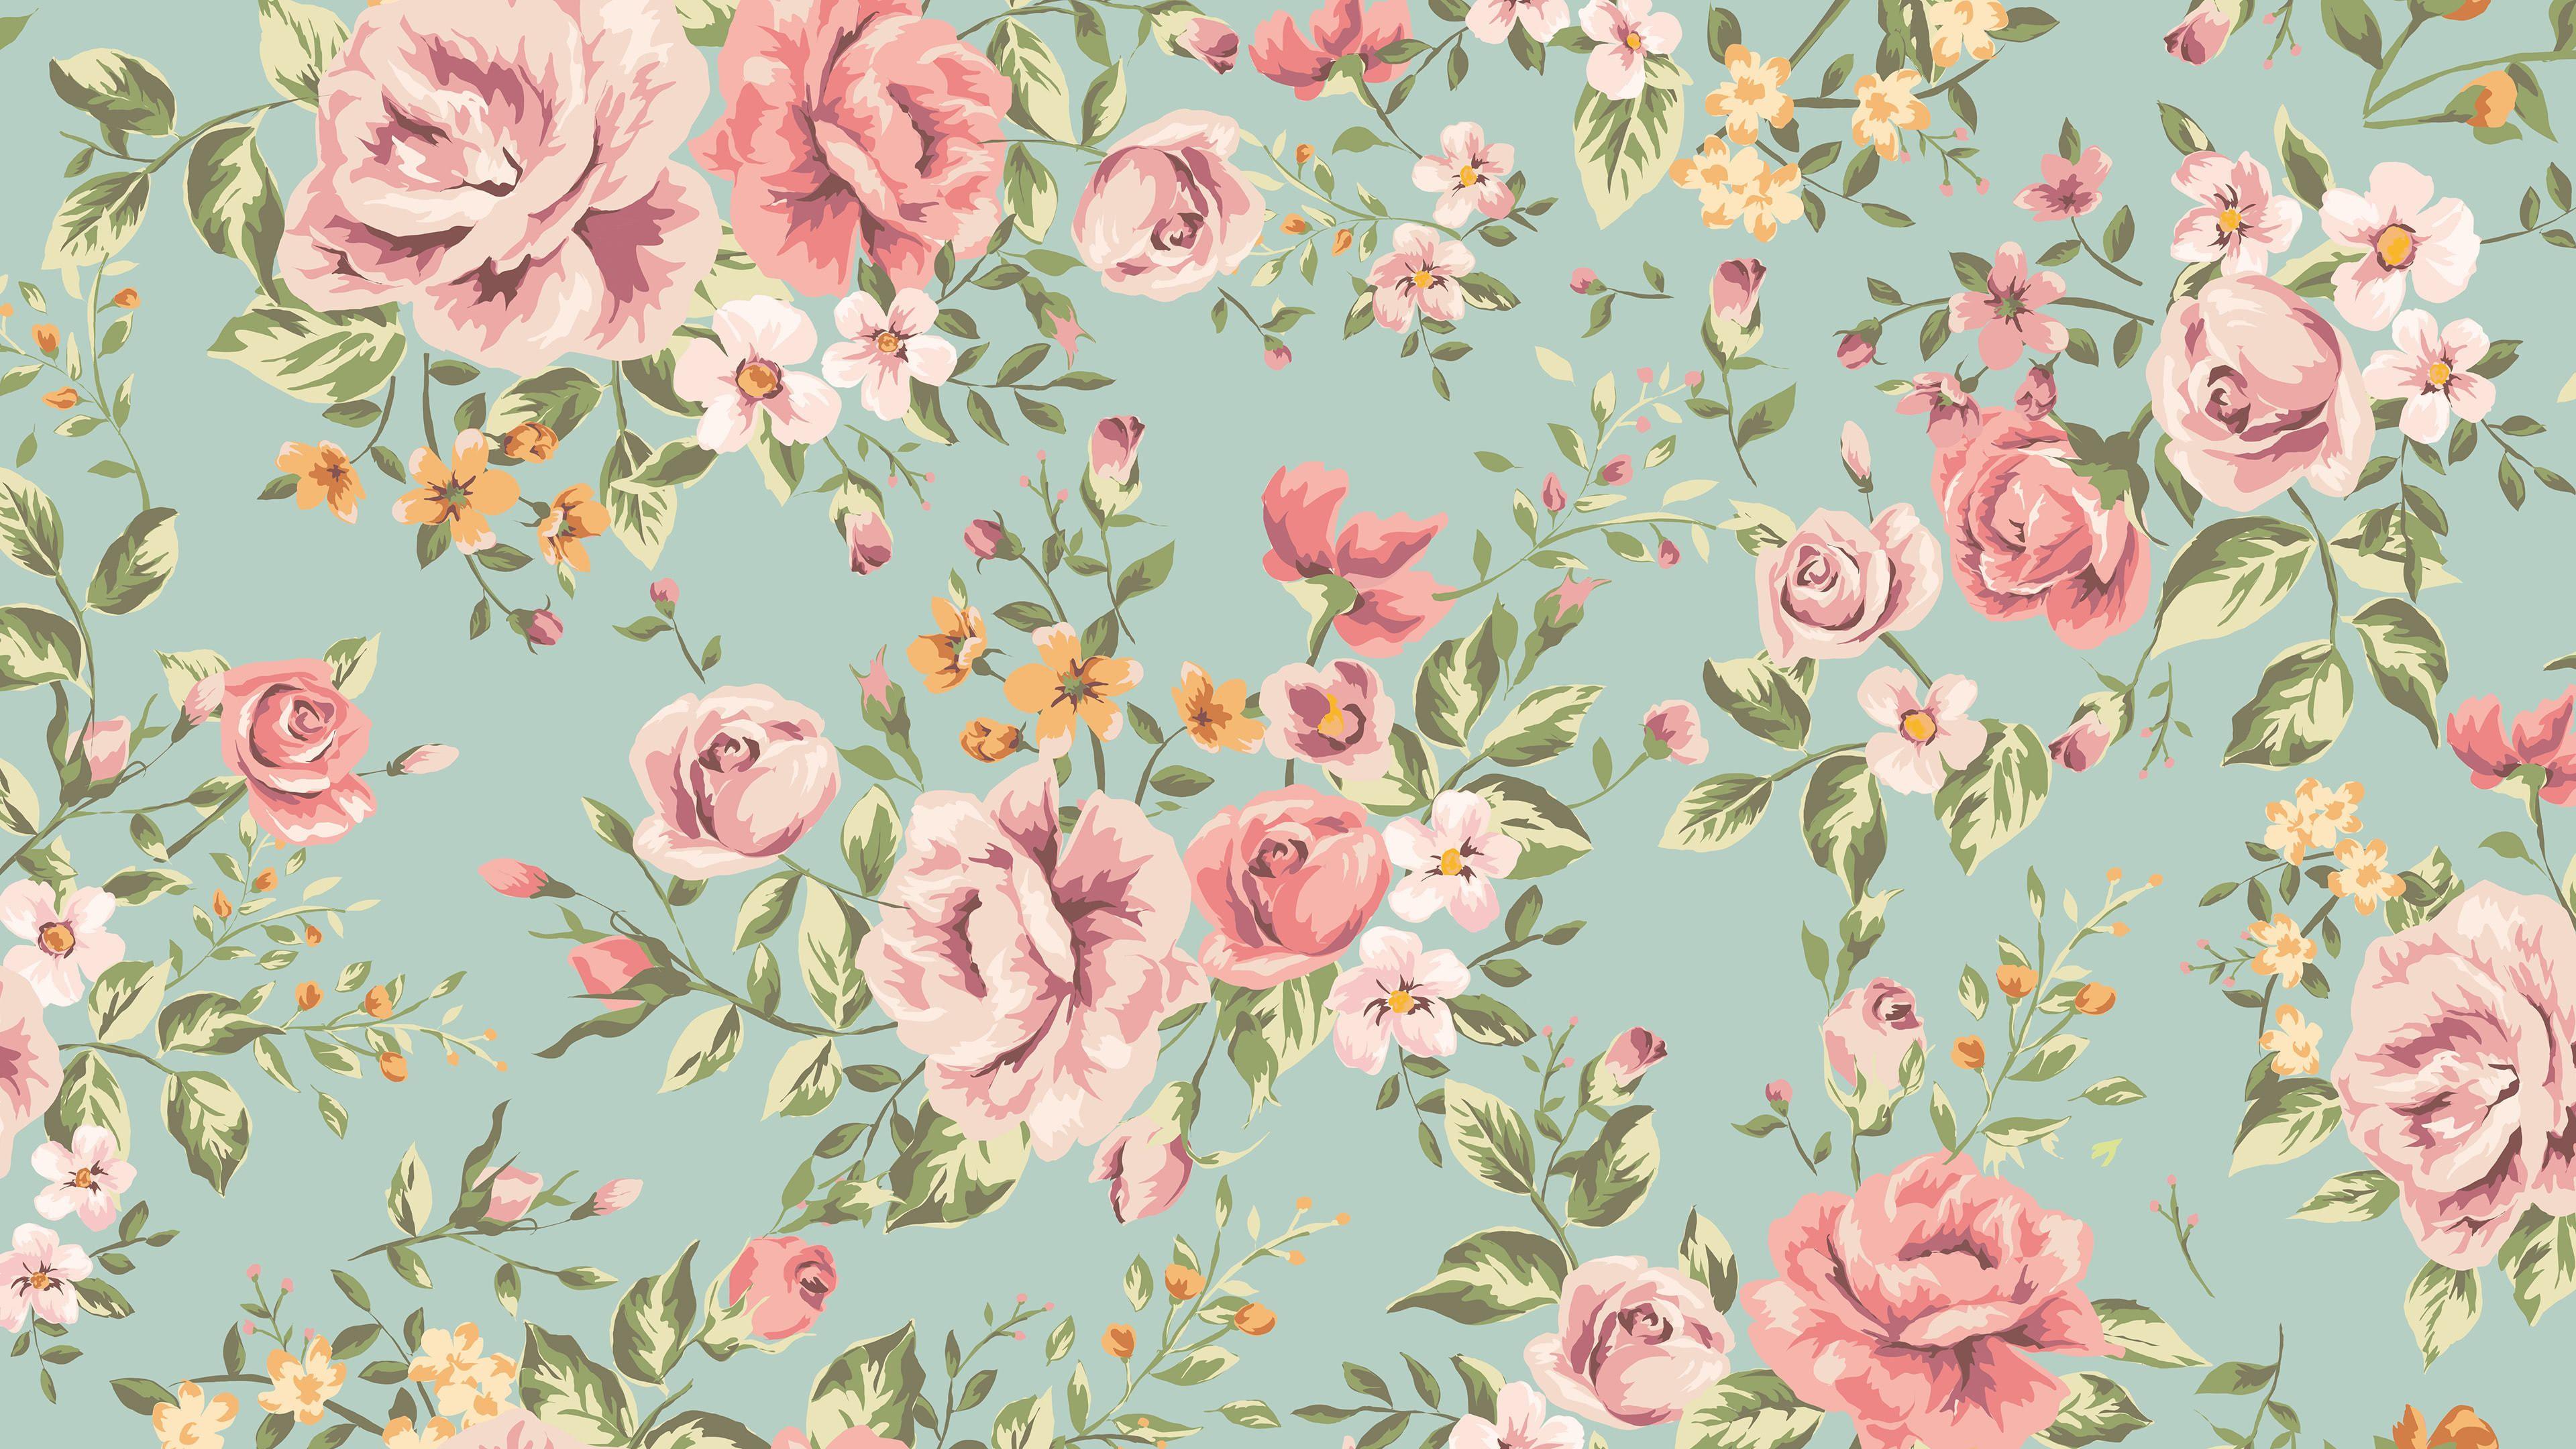 Vintage Floral Pattern Uhd 4k Wallpaper Pixelz In 2020 Vintage Flowers Wallpaper Vintage Flowers Flower Wallpaper